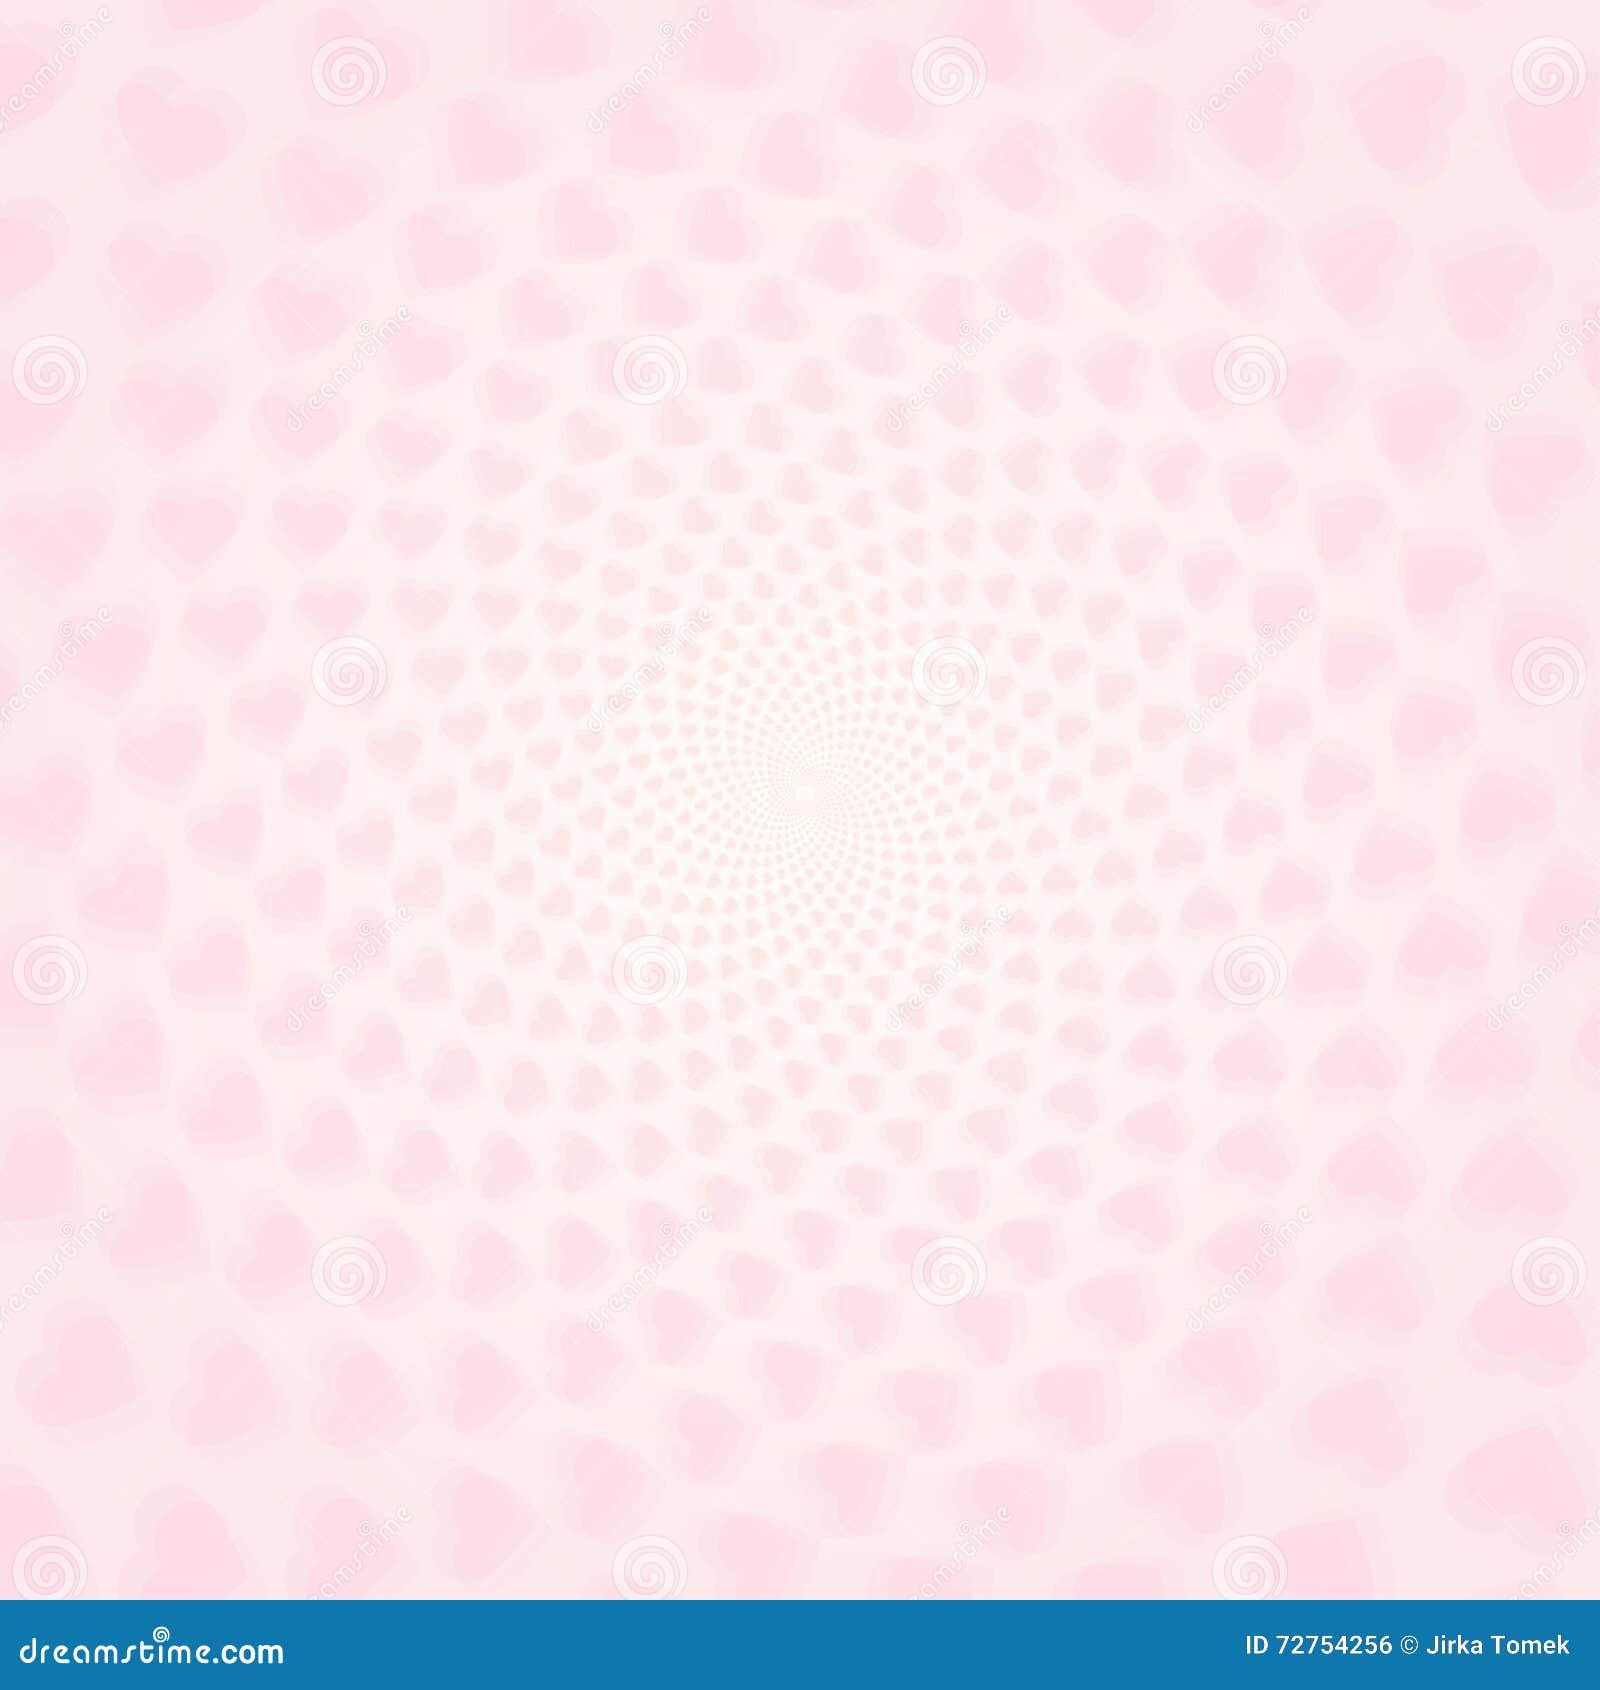 Corazones torcidos con efecto de t nel papel pintado rosa claro de los corazones del vector - Papel pintado rosa ...